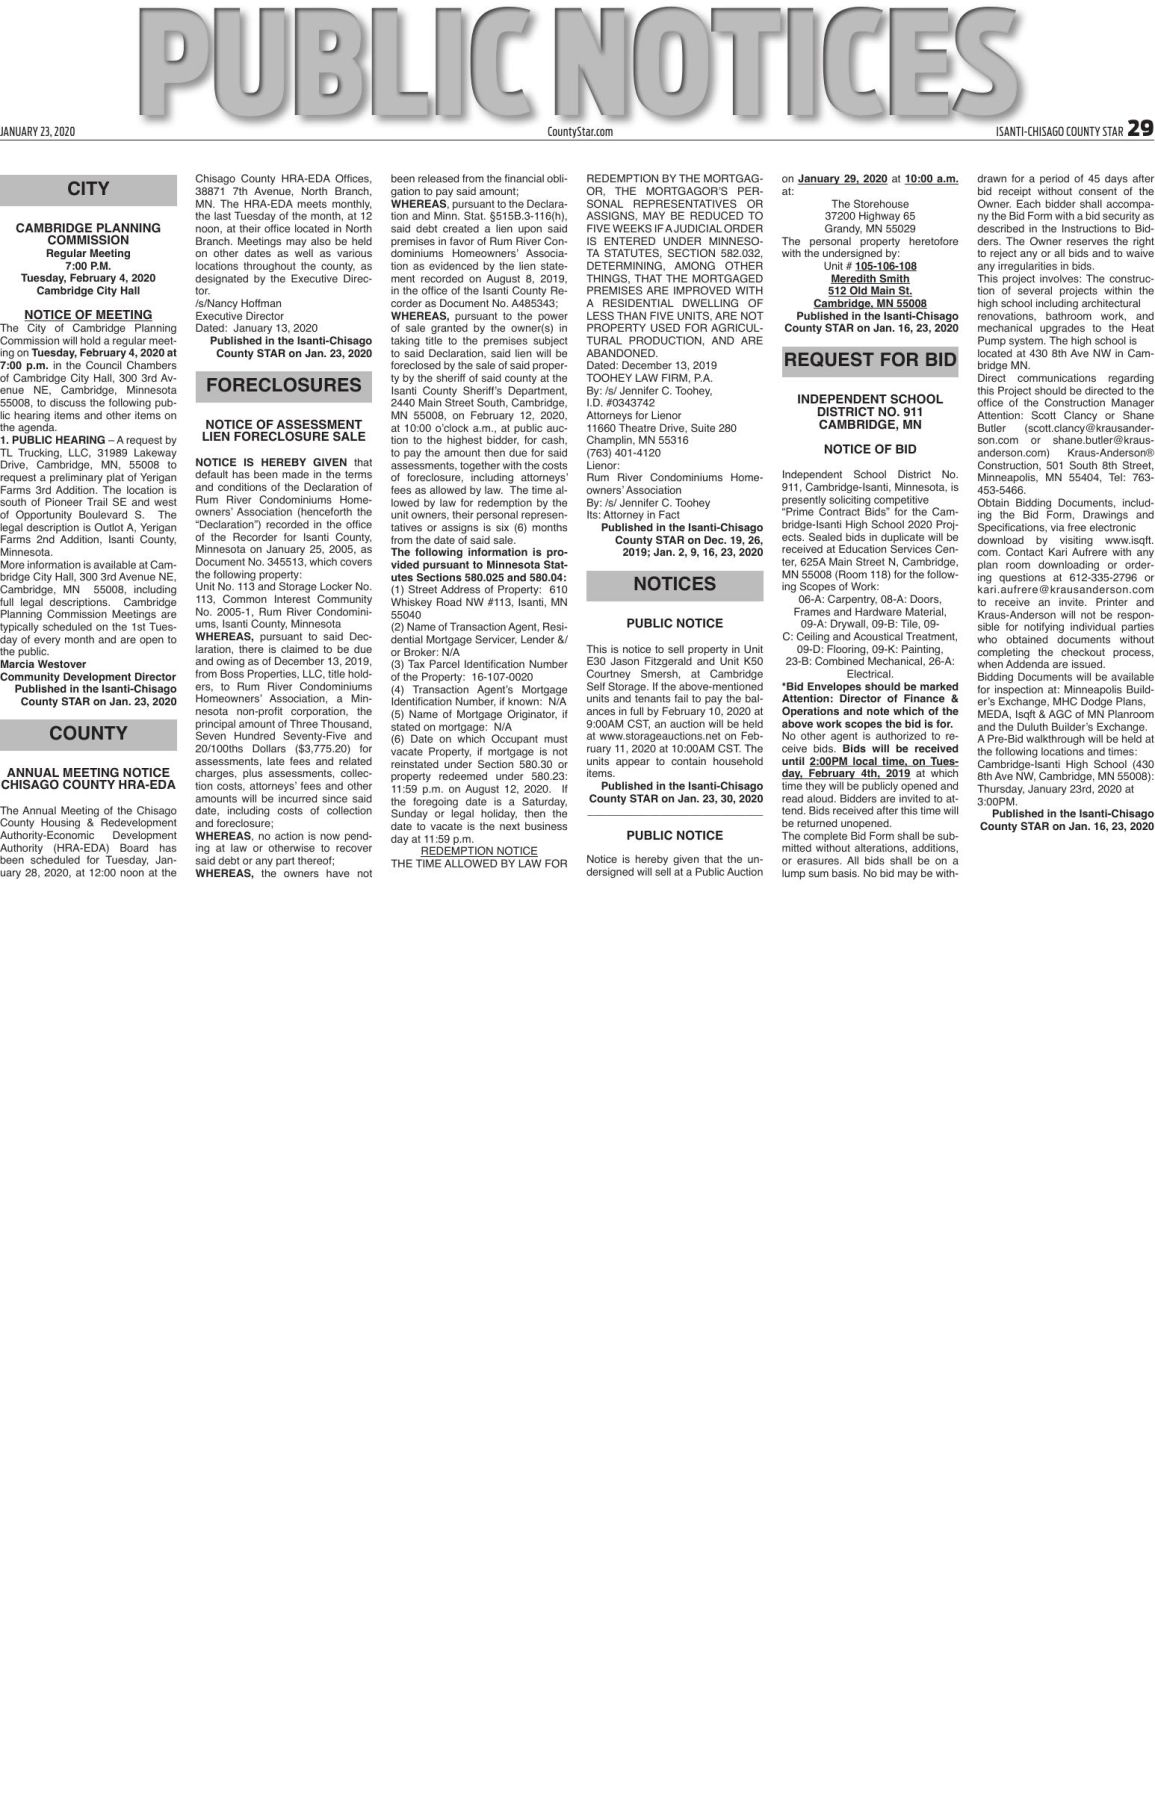 Public Notices - Jan. 23, 2020